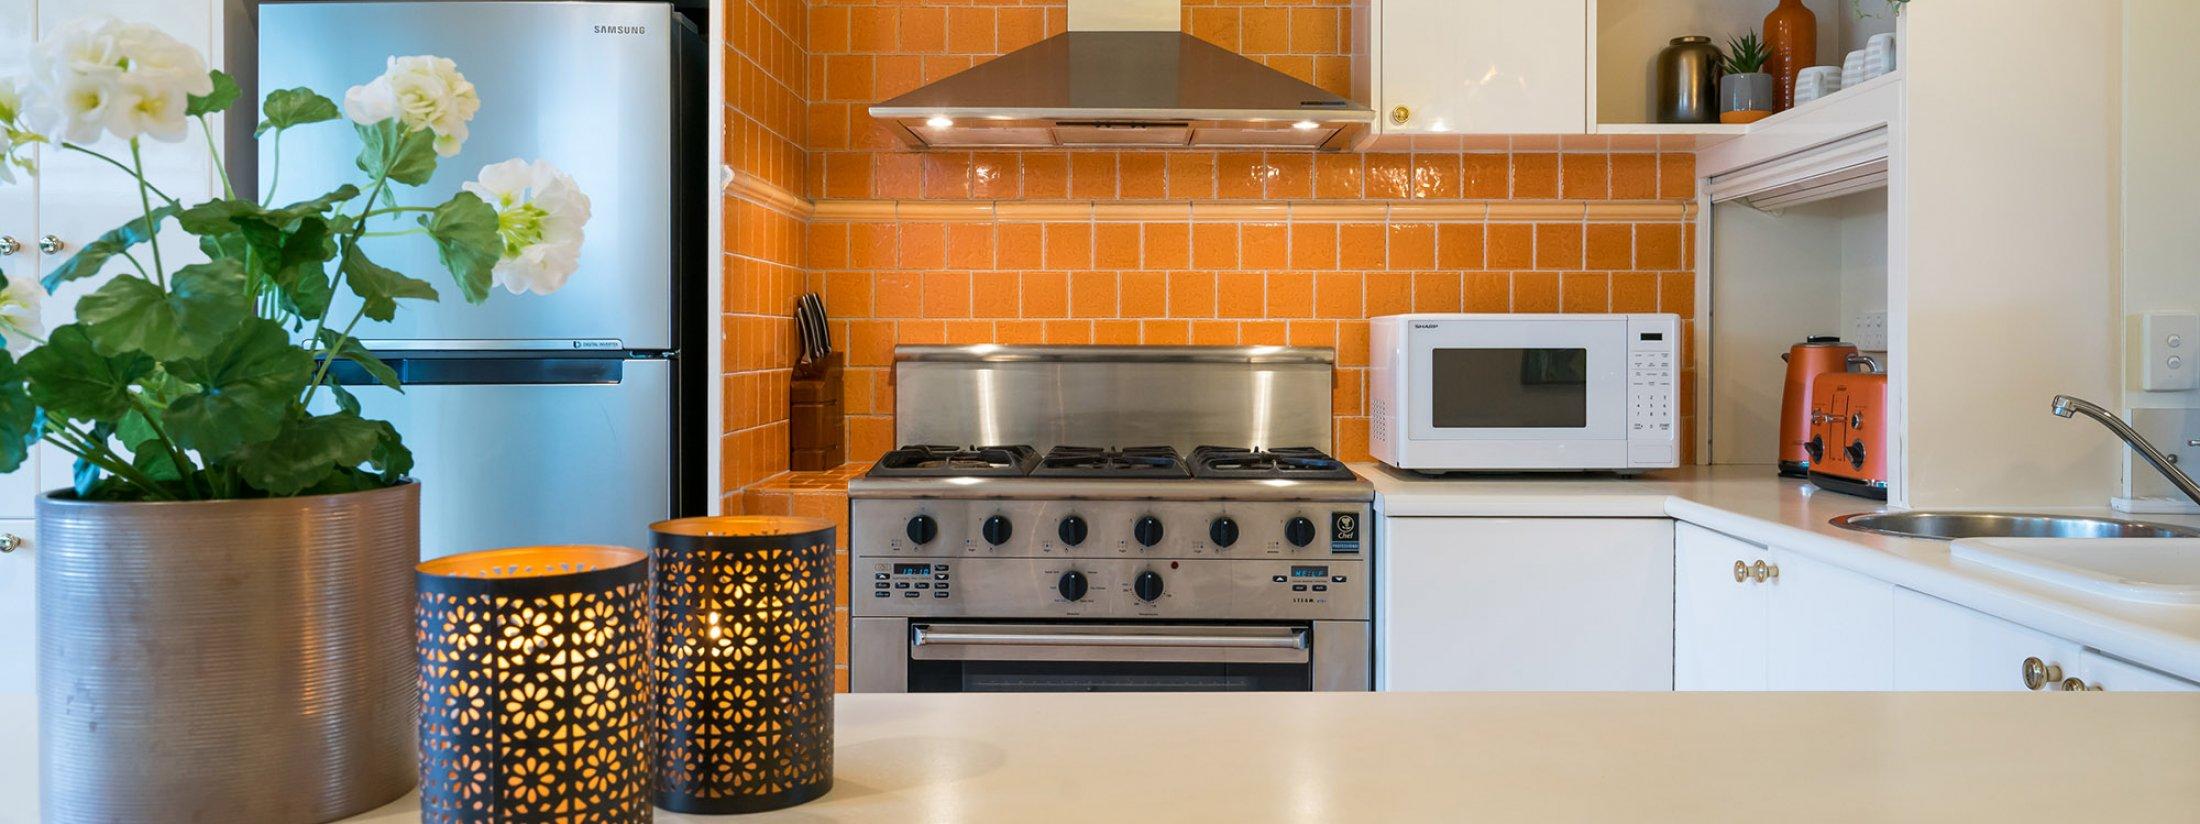 Buckingham - Richmond - Kitchen Area